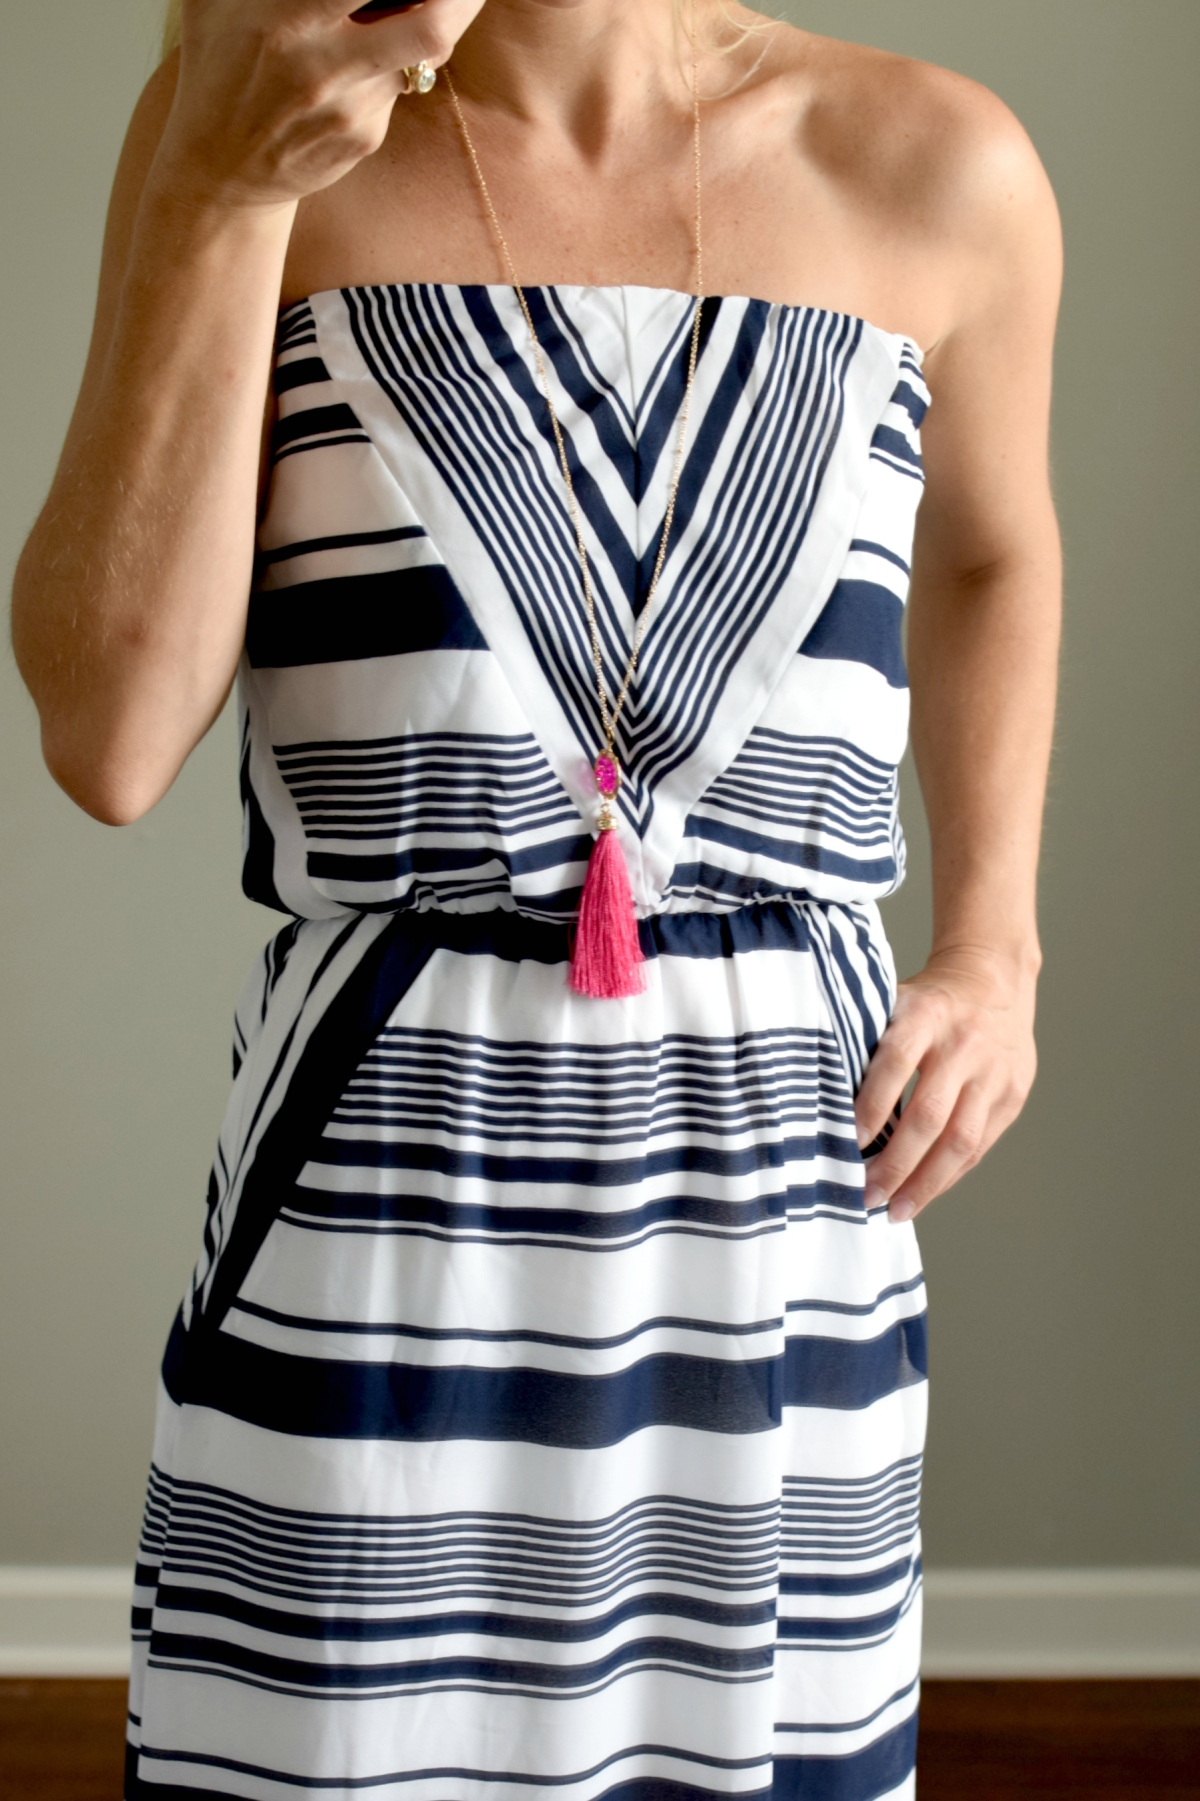 June 2016 Stitch Fix Review: One Market Marta Maxi Dress |www.pearlsandsportsbras.com|